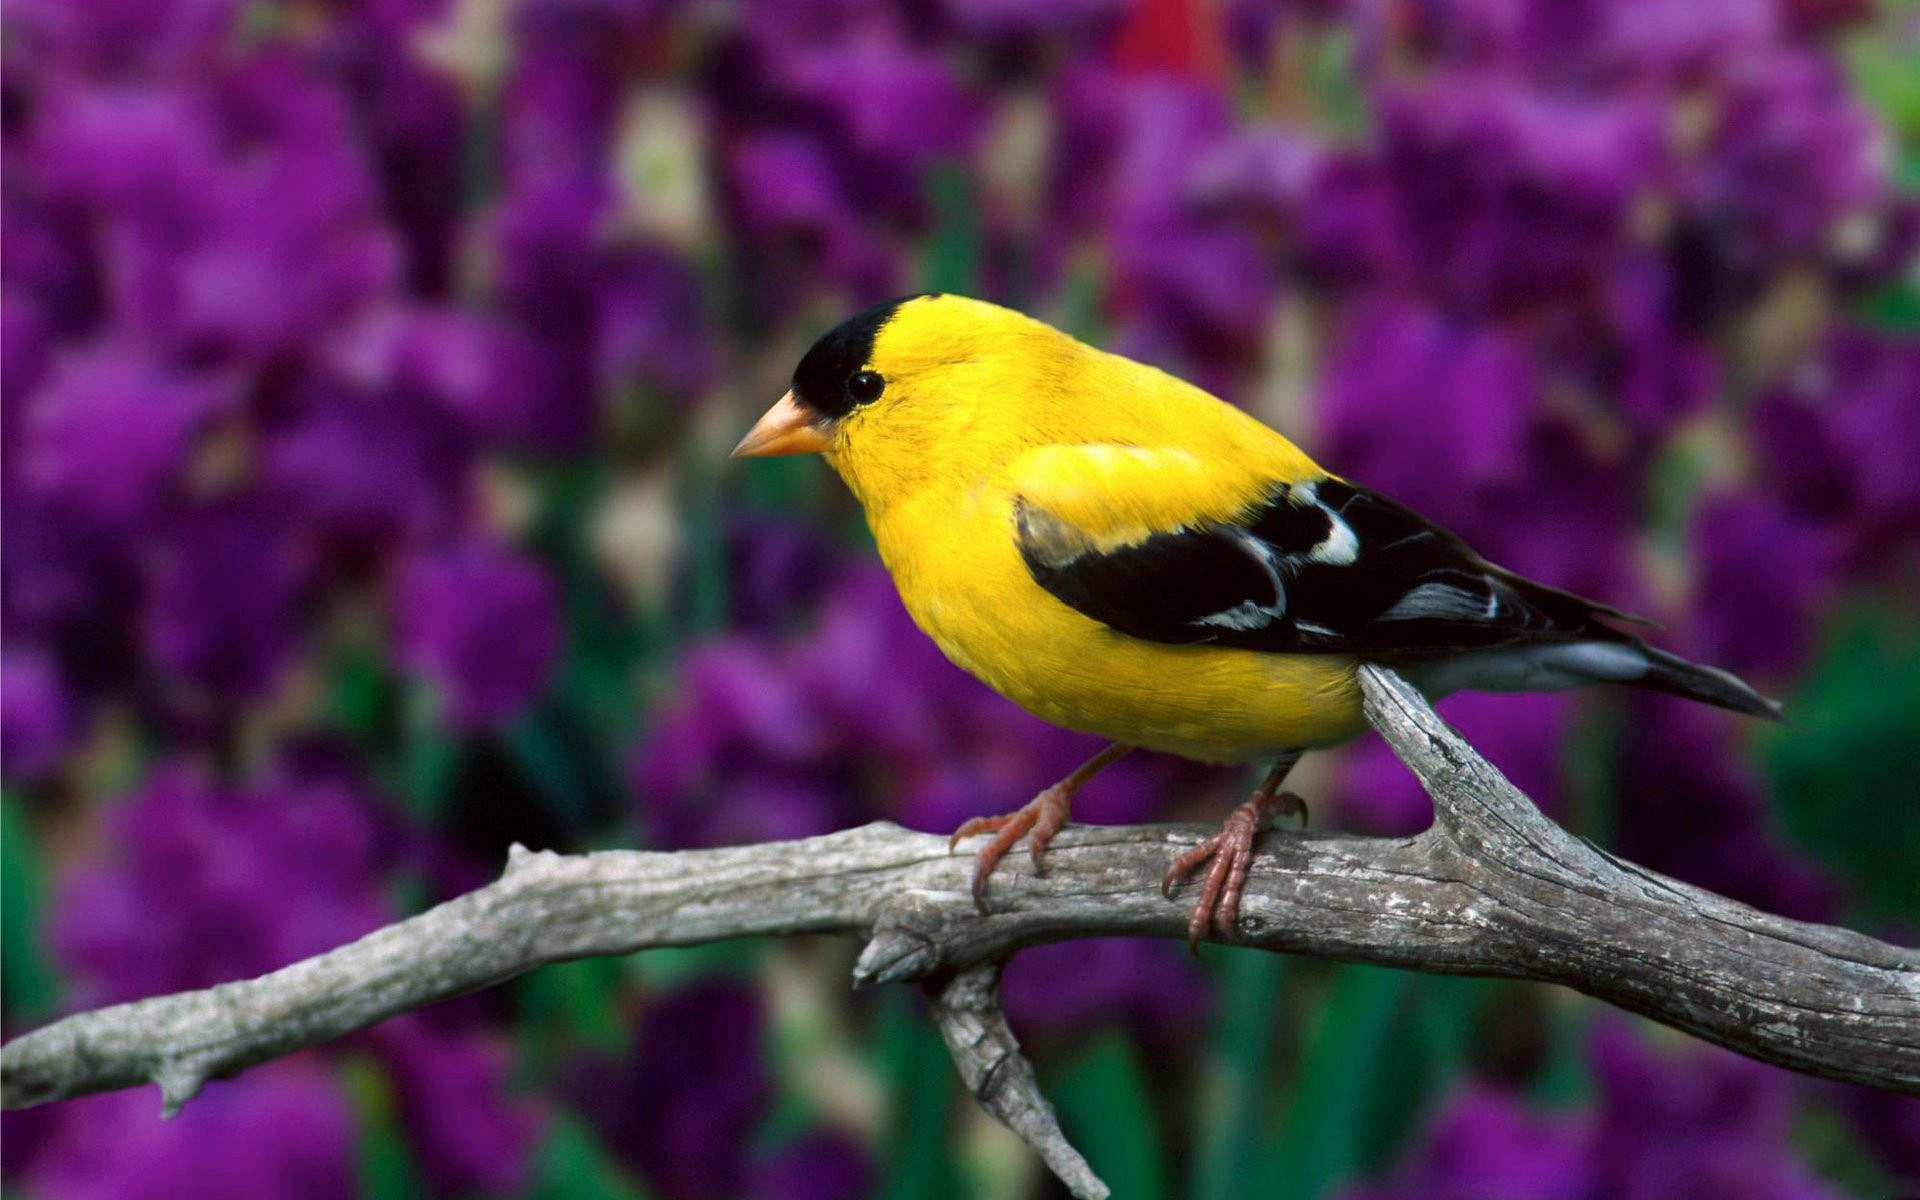 Про любовь, картинки о птицах